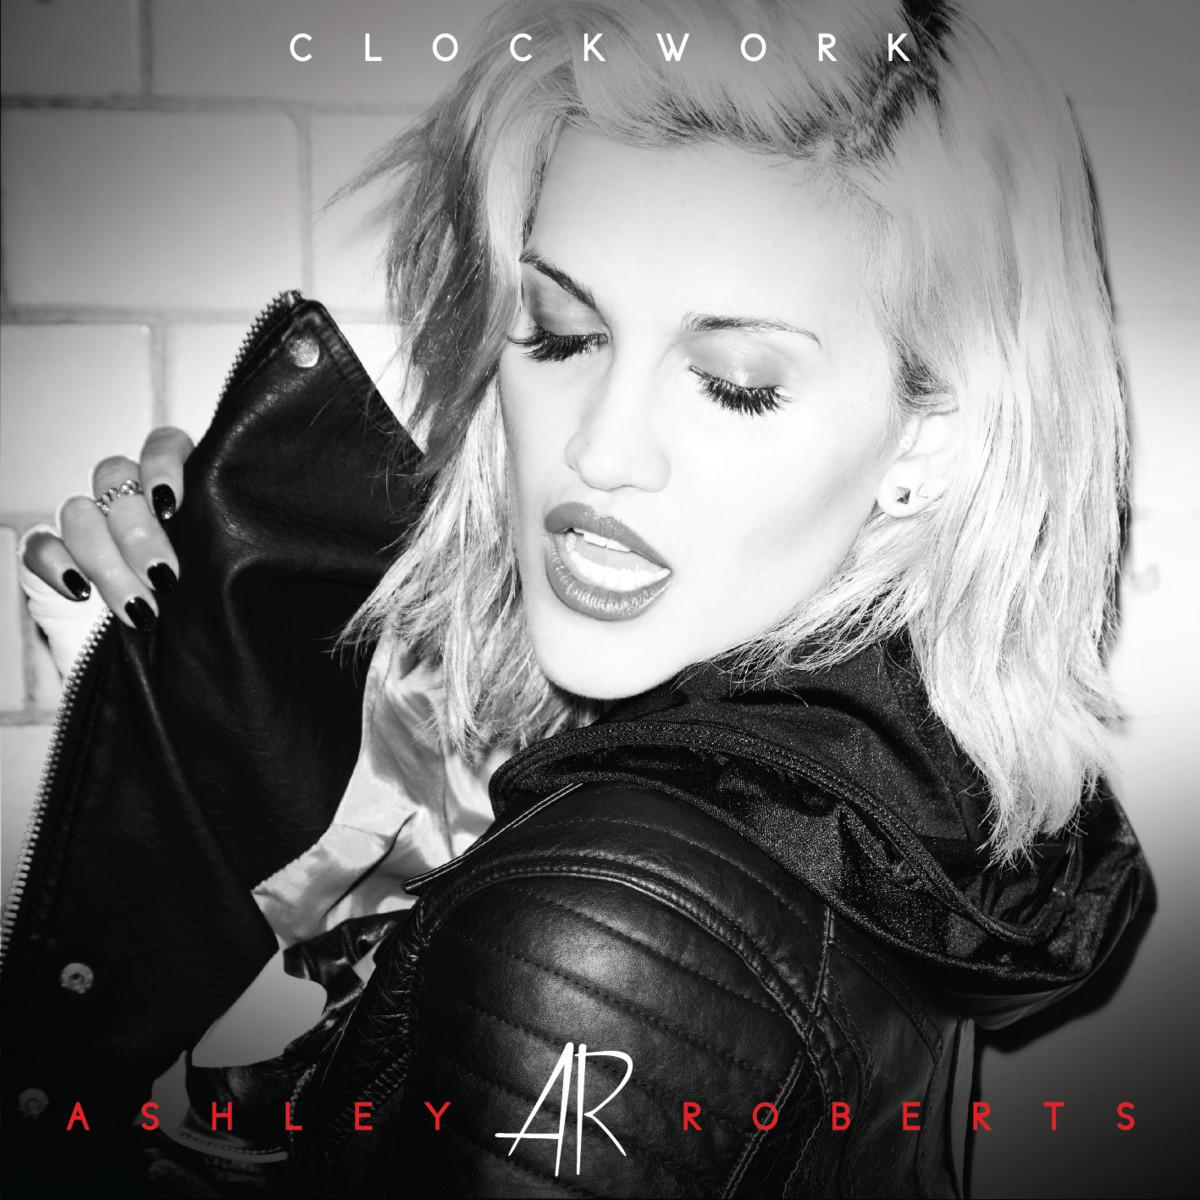 Ashley-Roberts-Clockwork-2014-1200x1200